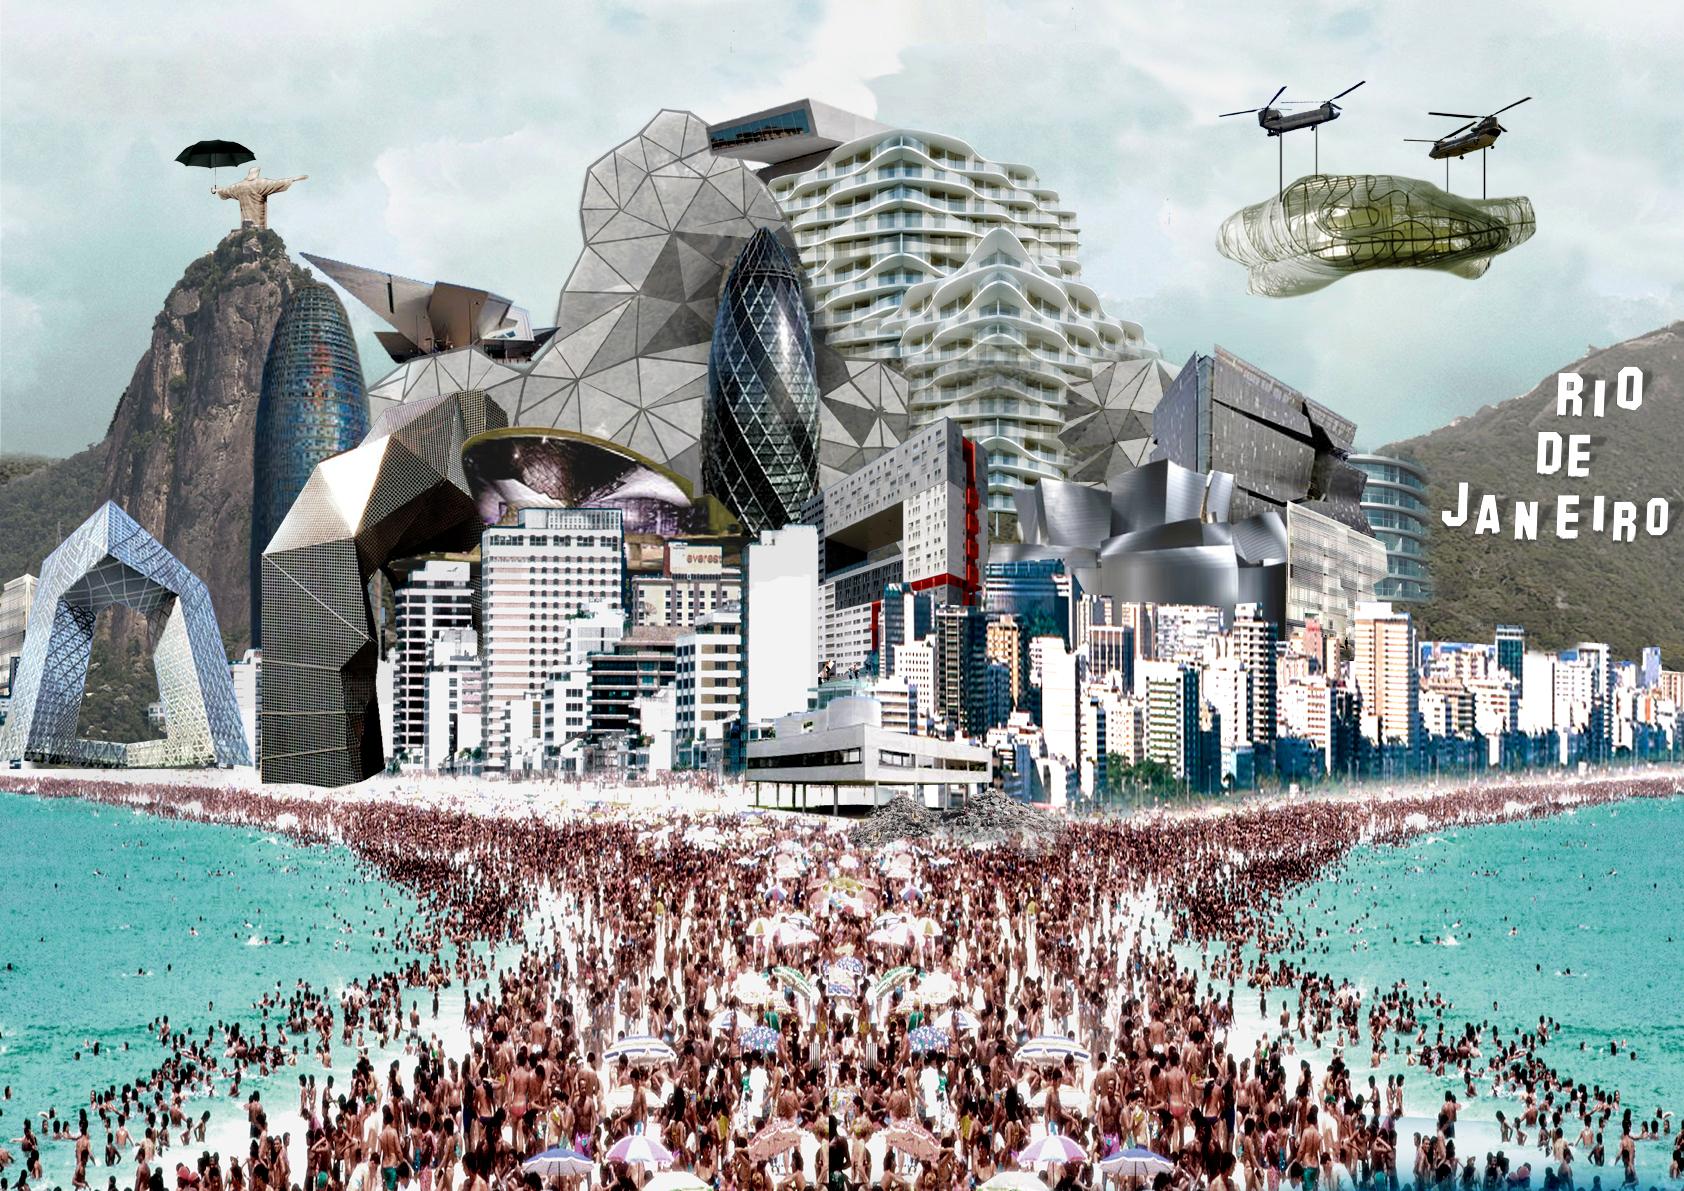 Expo Cake Design 2018 Rio De Janeiro : Em concurso, arquitetos imaginam o Rio de Janeiro daqui a ...